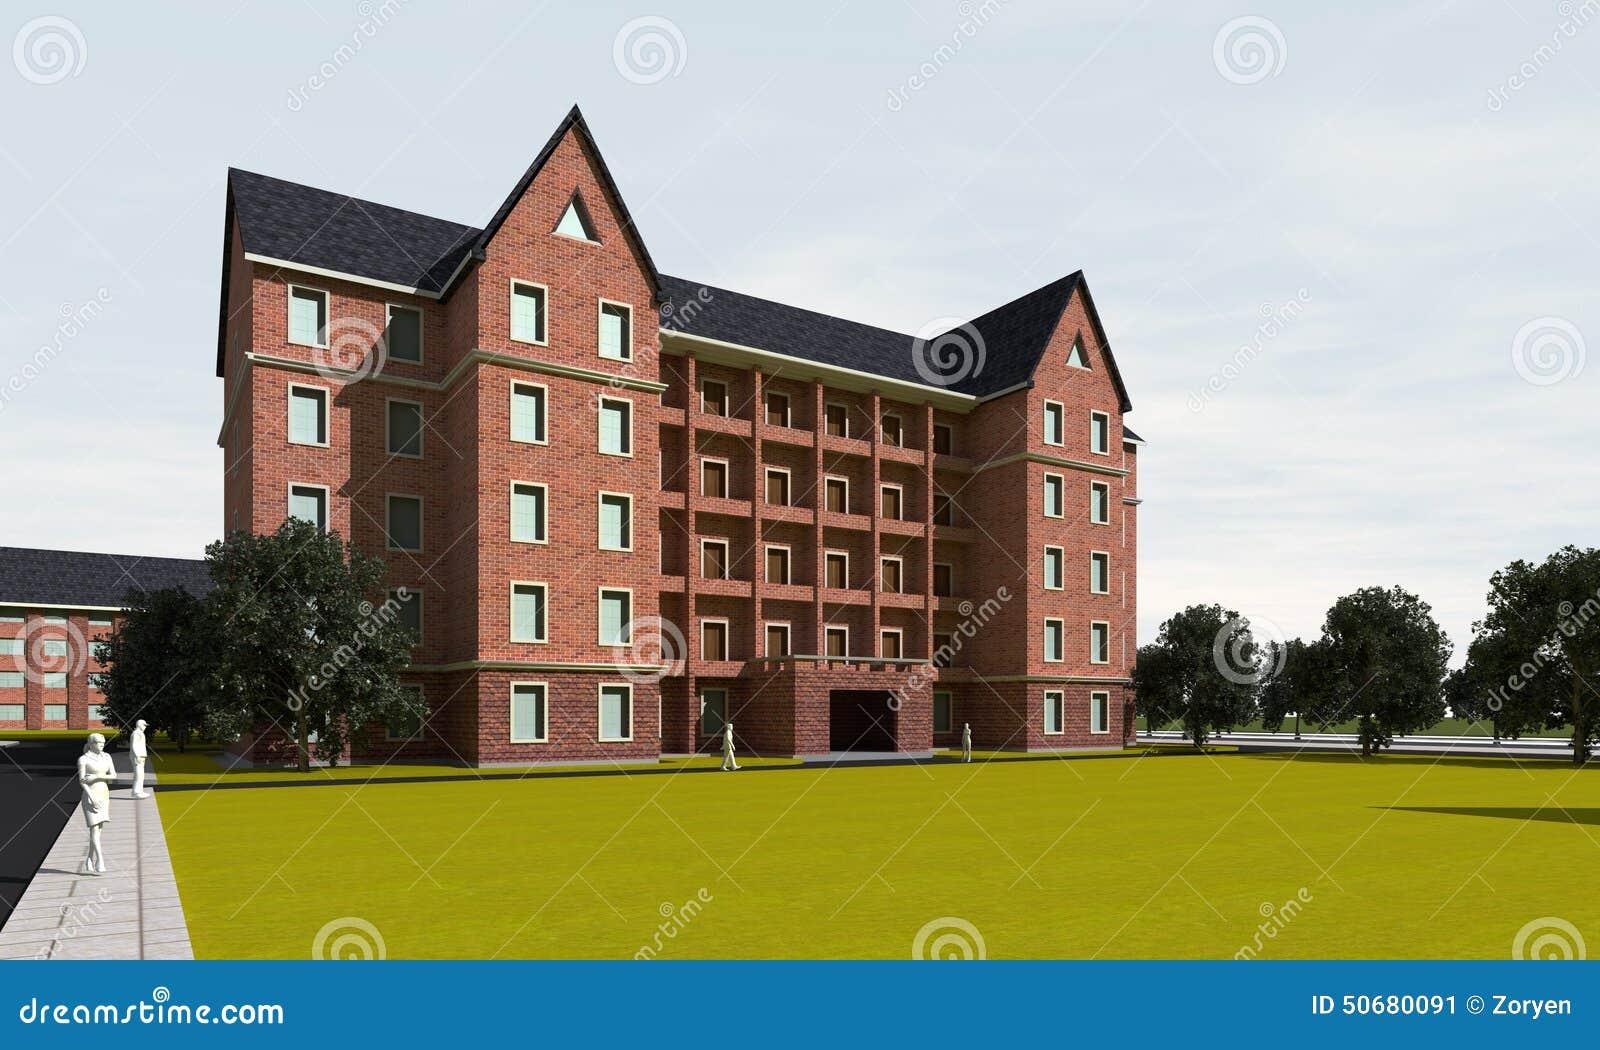 Download 大现代房屋建设 库存图片. 图片 包括有 外部, 不列塔尼的, 都市, 舱内甲板, 前面, 门面, 拱道 - 50680091